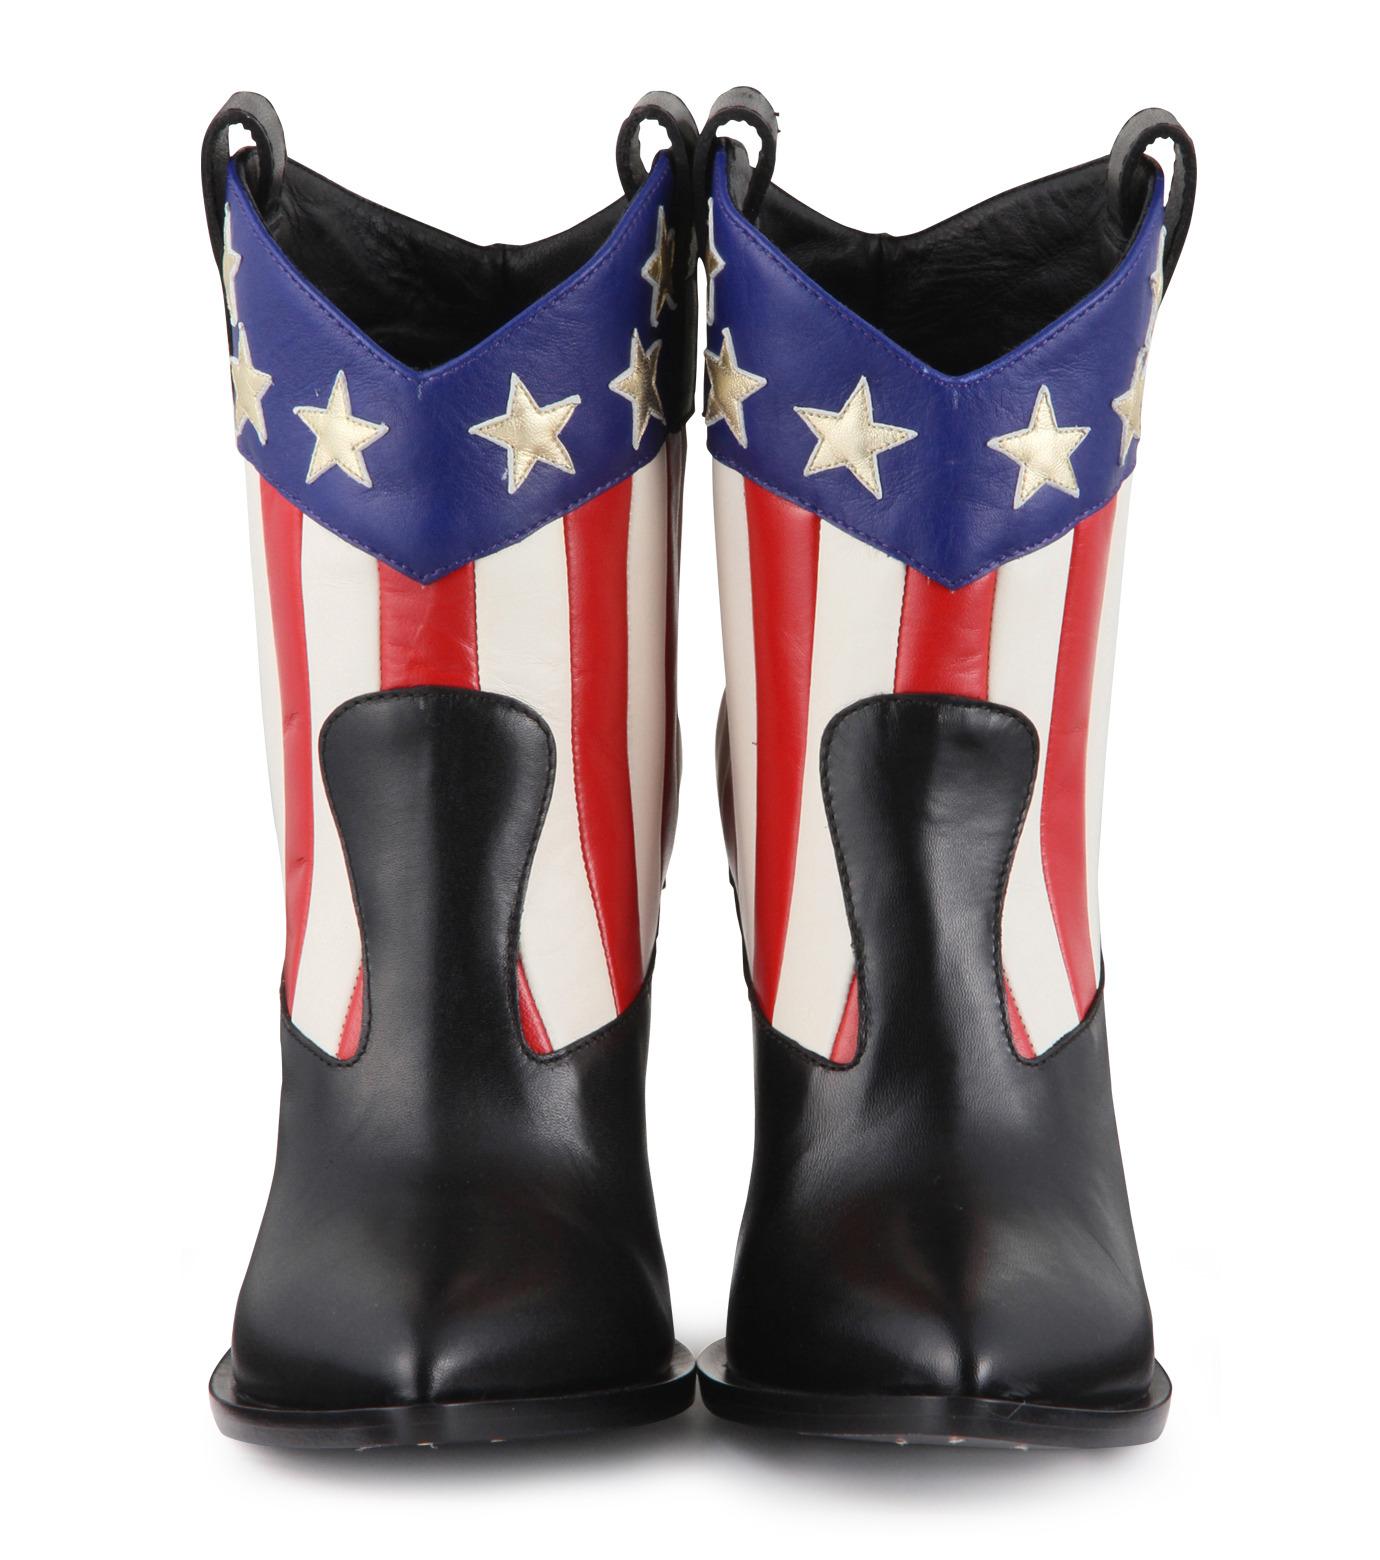 Giuseppe Zanotti Design(ジュゼッペザノッティ)のAmerican Flag Western Boots-MULTI COLOUR(ブーツ/boots)-E37042-9 拡大詳細画像4